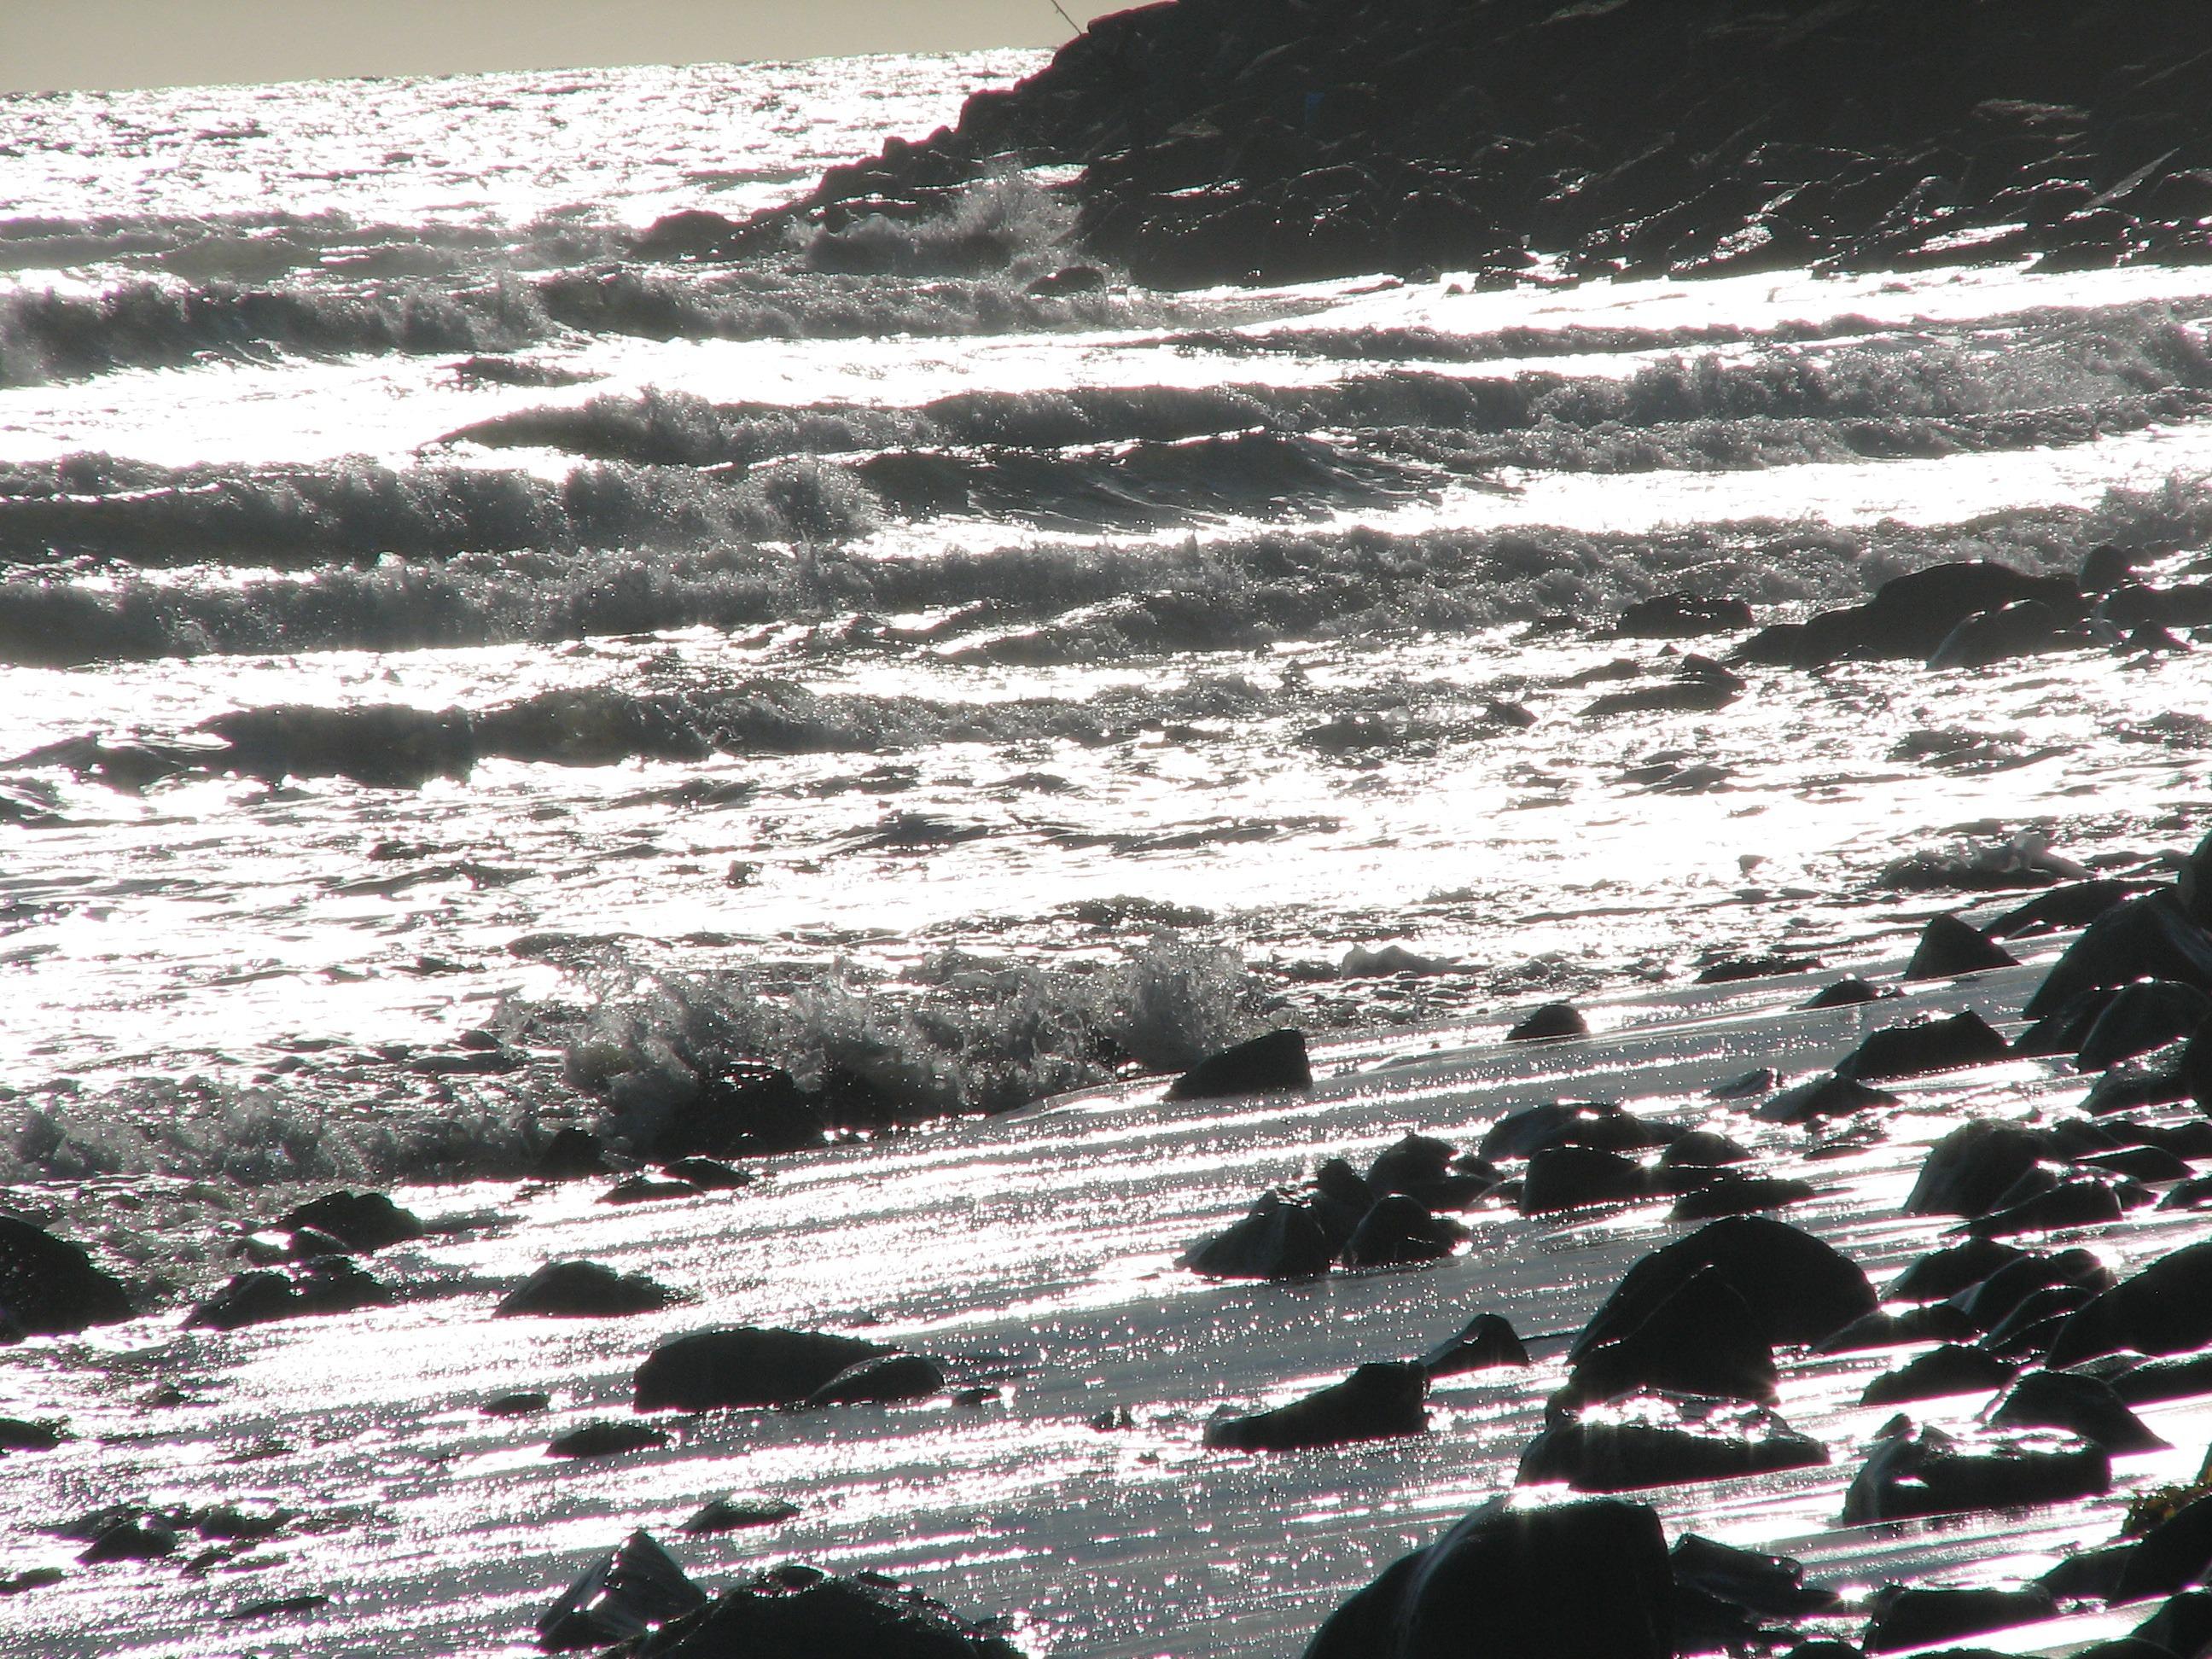 csendes-óceáni tengerparton hogyan működik a kálium társkereső?